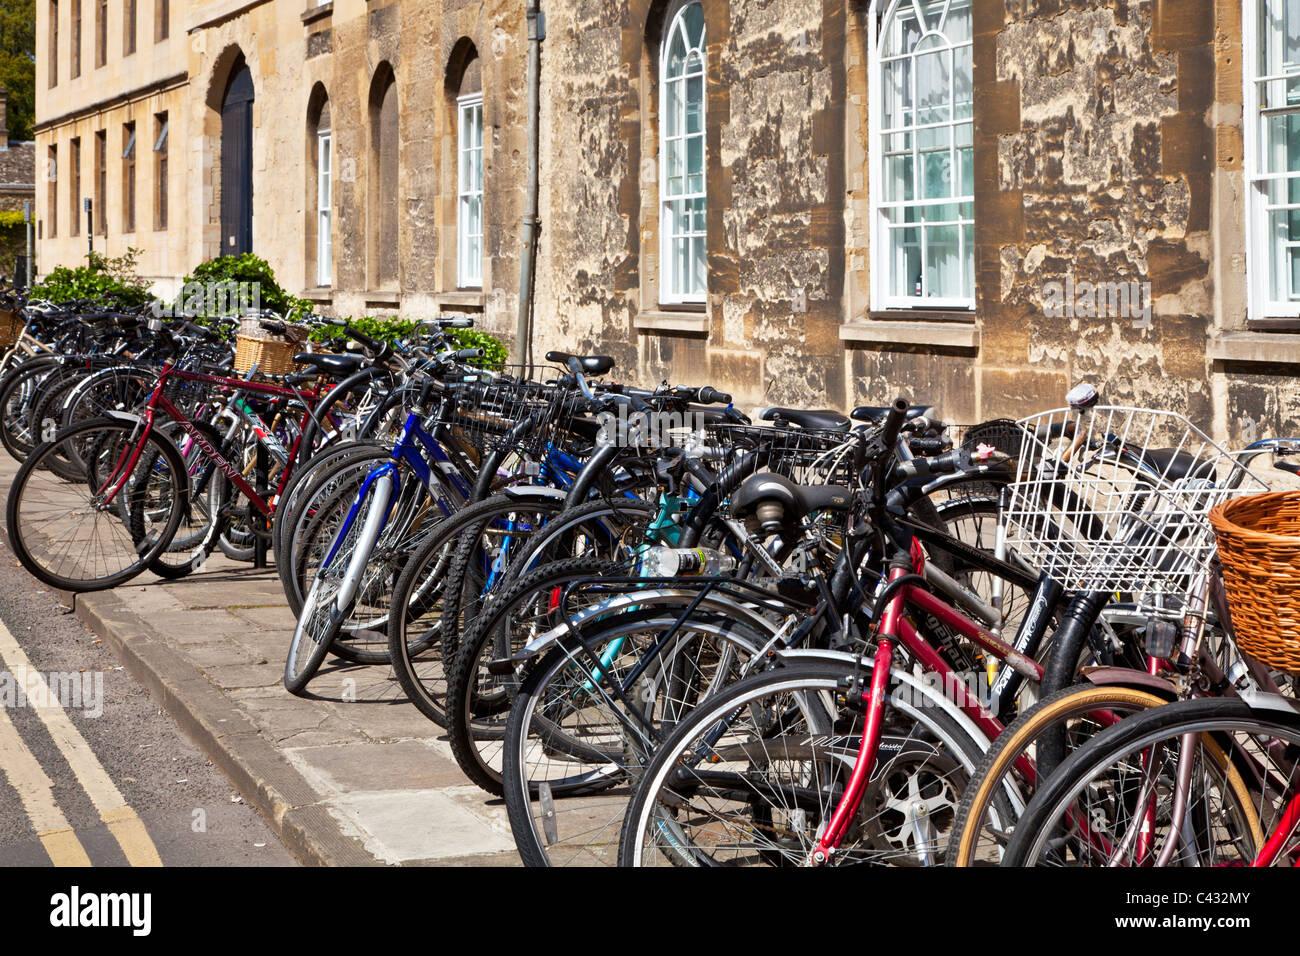 Bicicletas contra una pared en Parques Road, Oxford, Oxford, Inglaterra, Reino Unido, Gran Bretaña Imagen De Stock